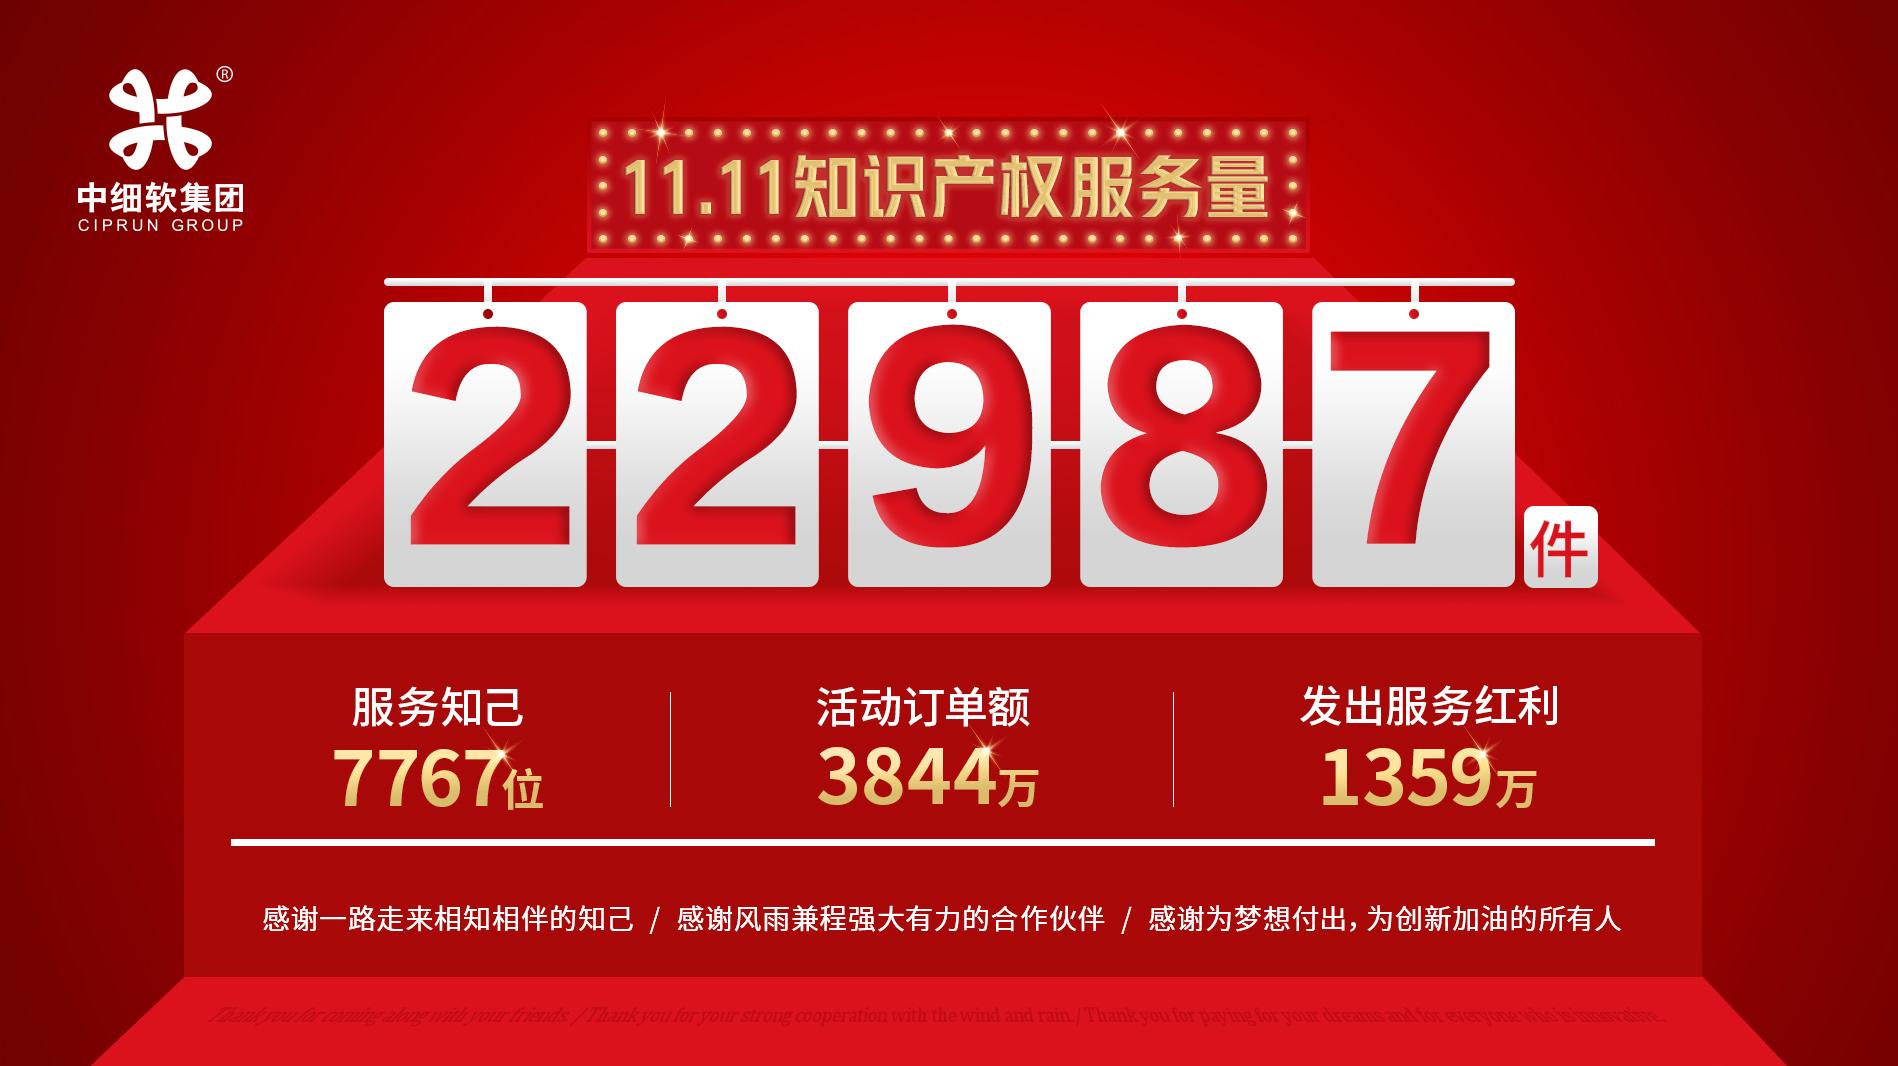 22987件!中细软双11刷新知识产权服务新纪录!